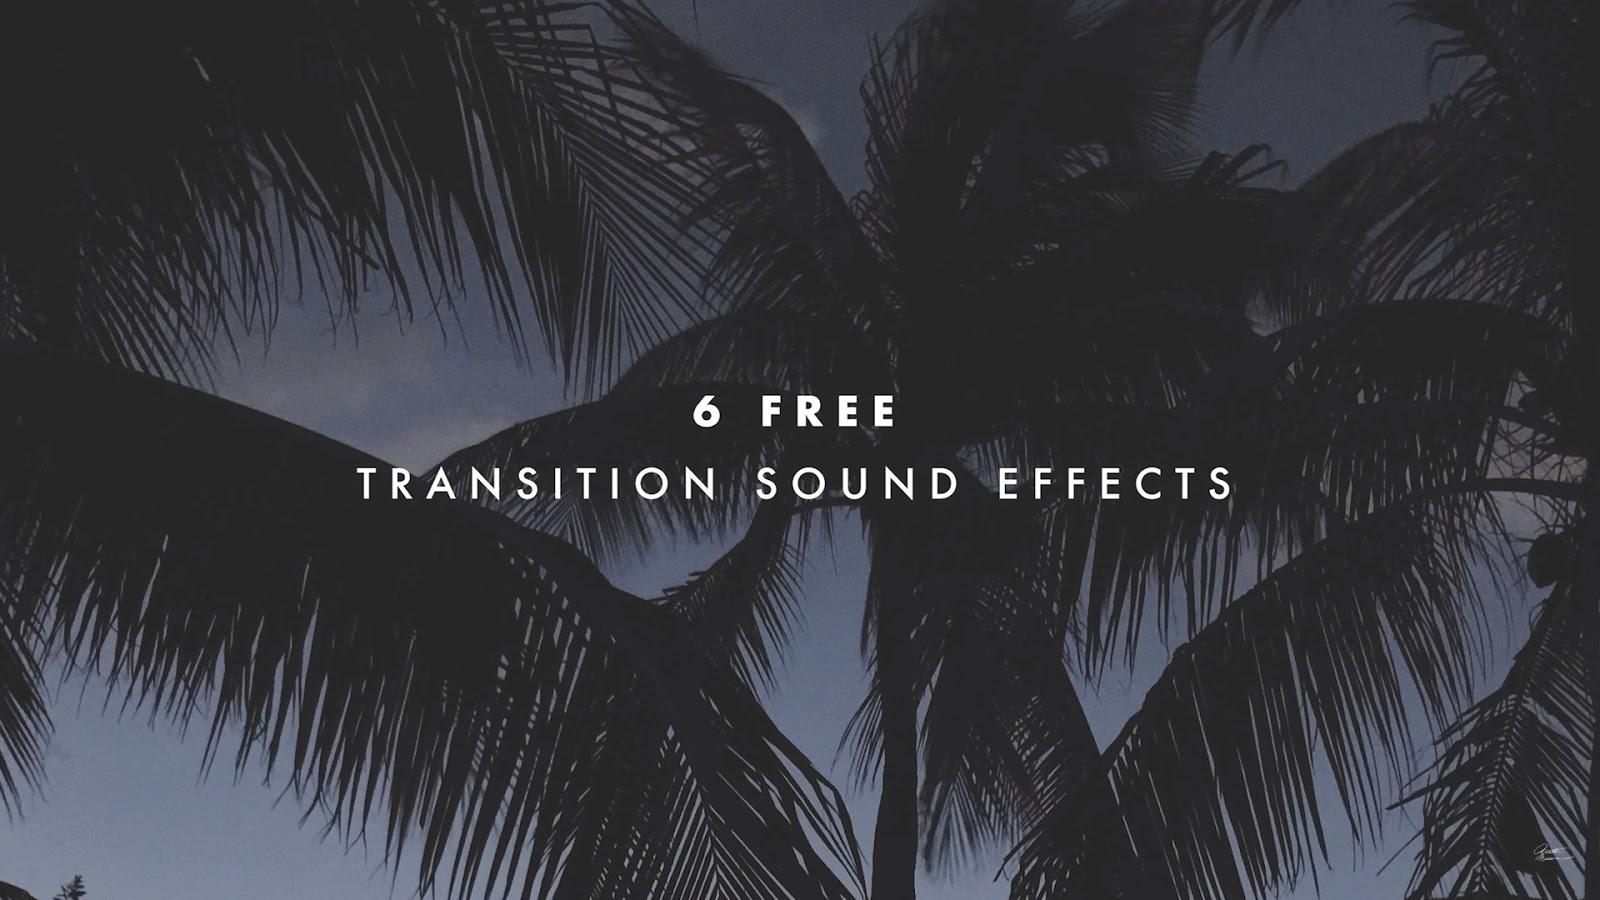 Transition sound effects pack Premiere Pro - ILMU GRATIS GAN